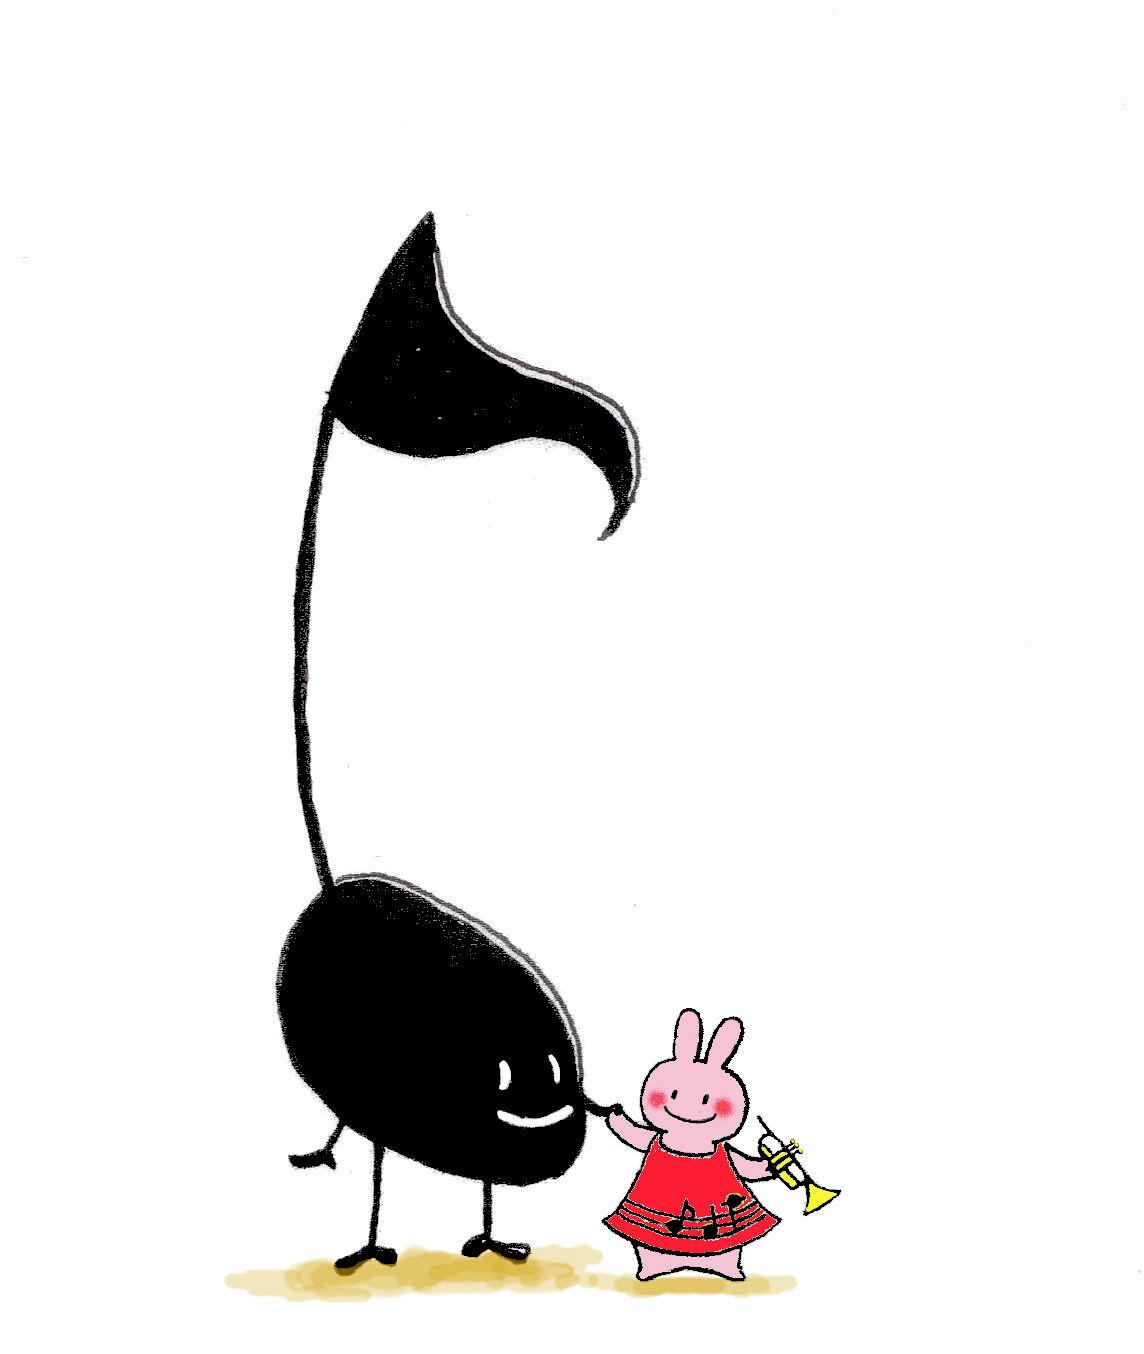 イラスト「うさぎ 音楽 かわいい」みん|イラスト無料素材のイラスト屋